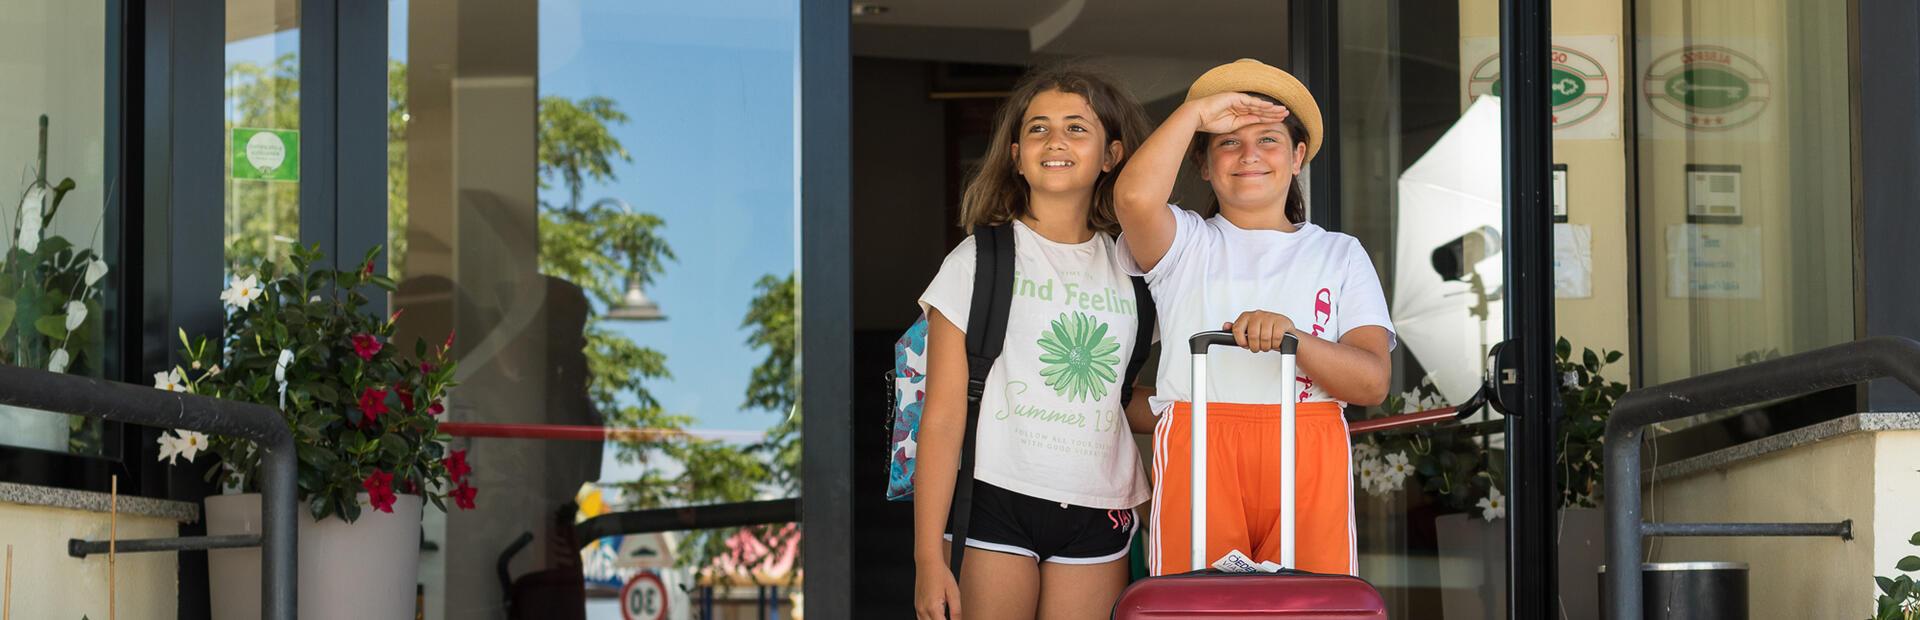 hotelgardencesenatico fr hotel-all-inclusive-cesenatico 003